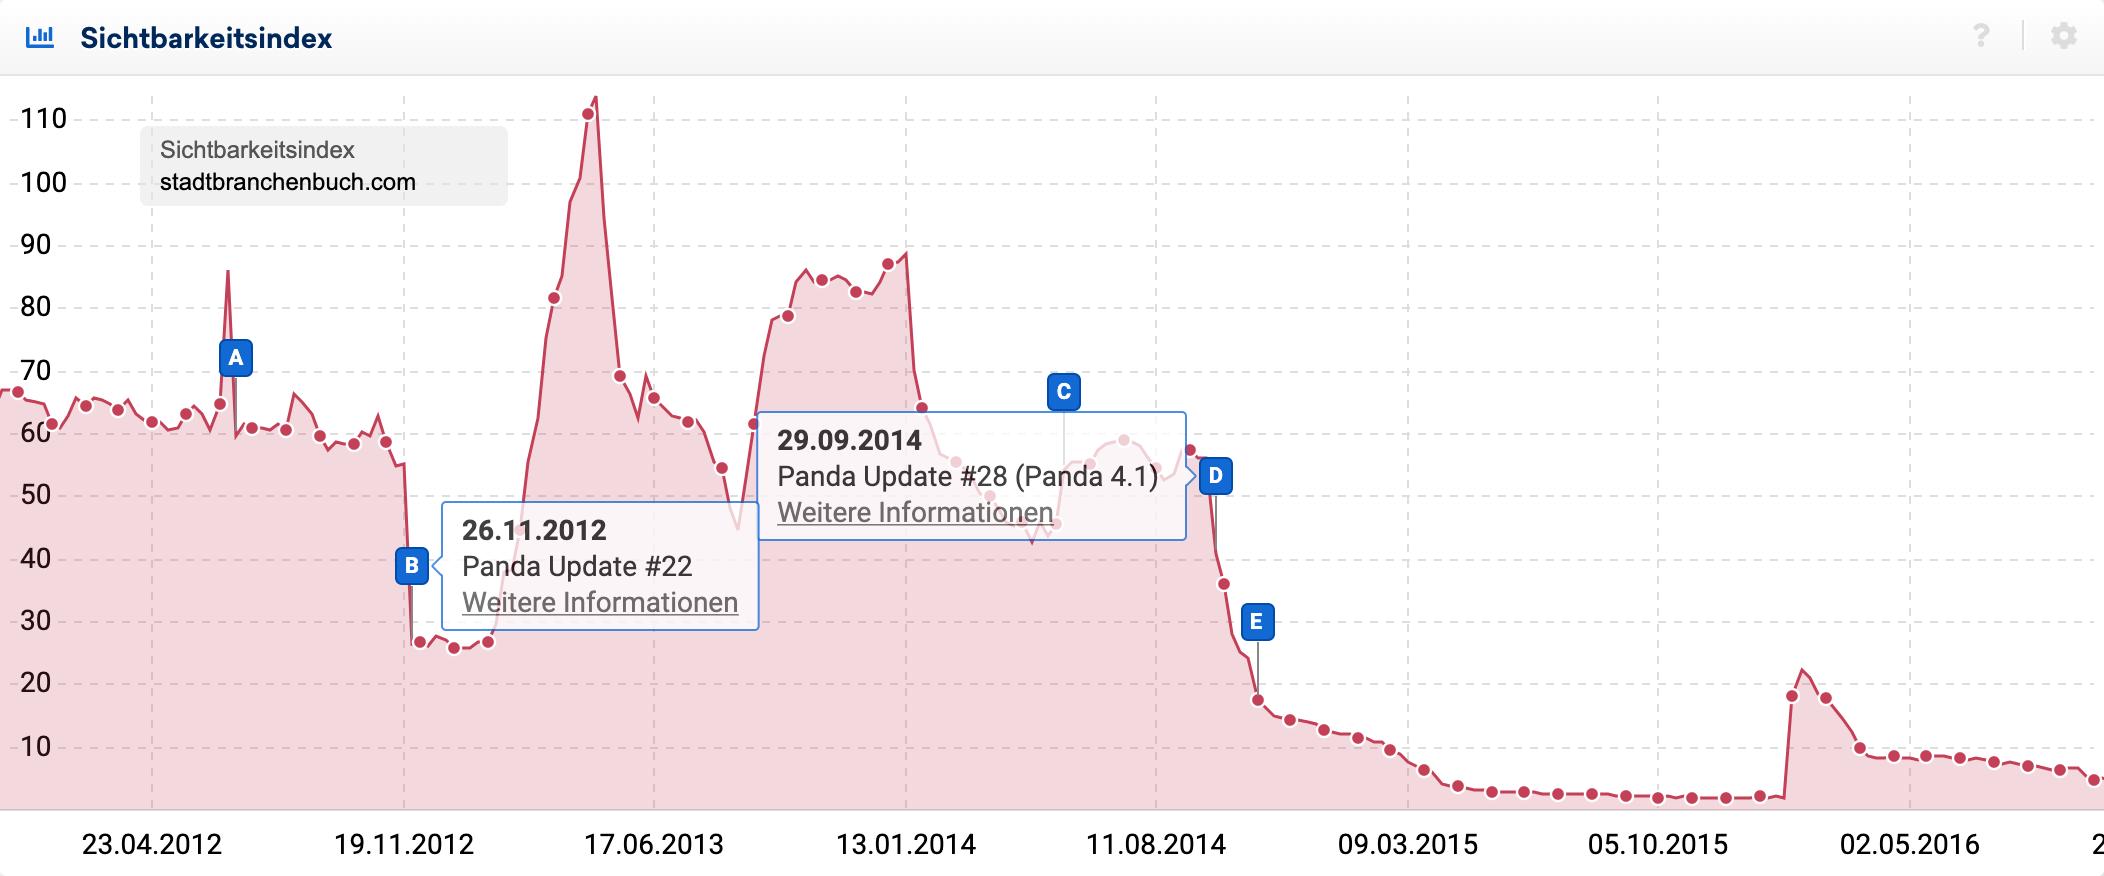 Sichtbarkeitsindex der Doman stadtbranchenbuch.com zeigt die Auswirkungen des Panda-Updates und der entsprechenden Data-Refreshes anhand von Ereignis-Pins.